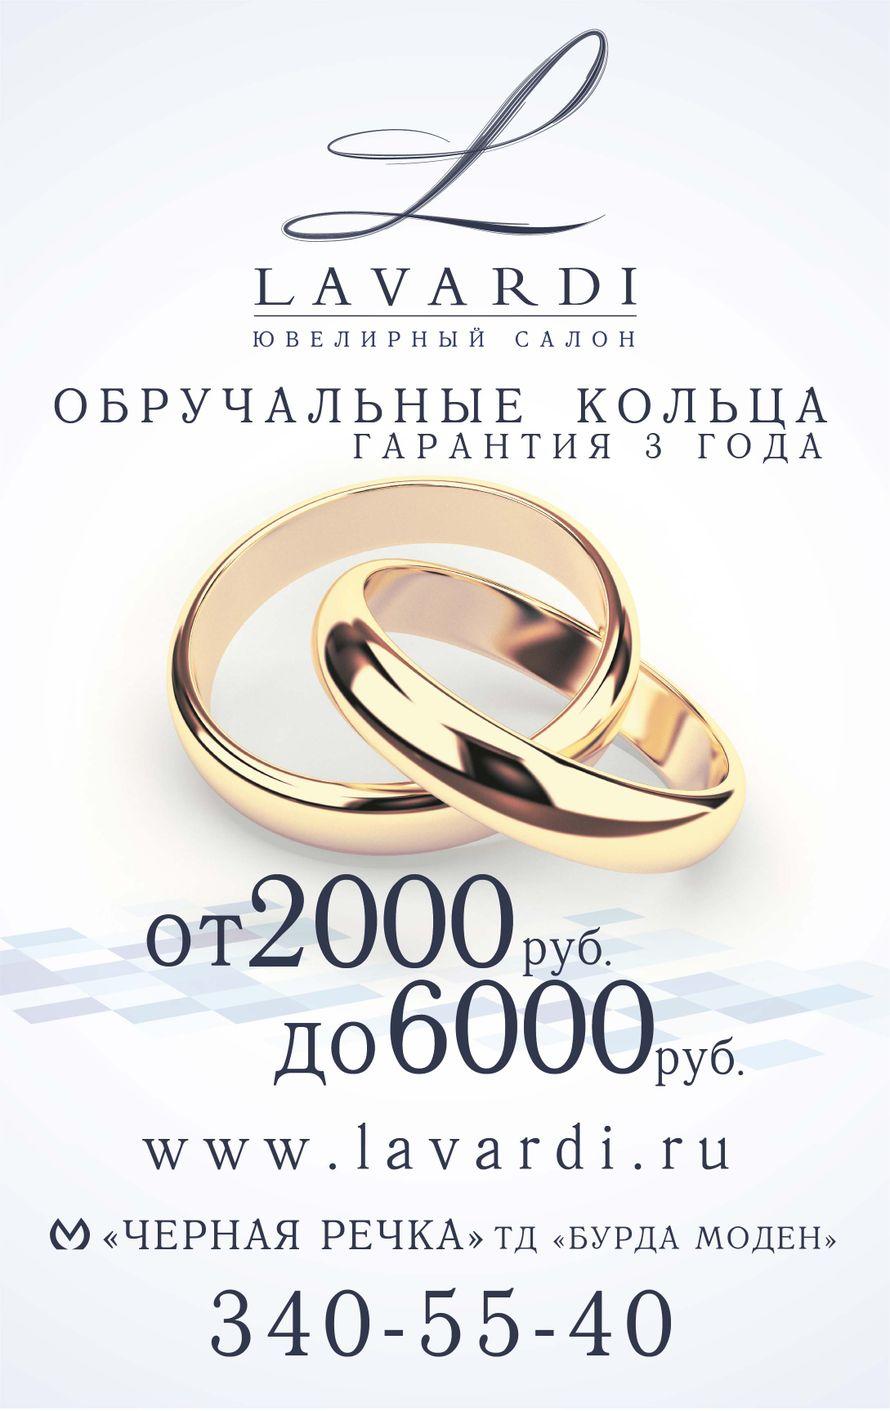 """Гладкие обручальные кольца от 2000 до 6000 рублей за кольцо! - фото 1234215 Салон обручальных колец """"Lavardi"""""""